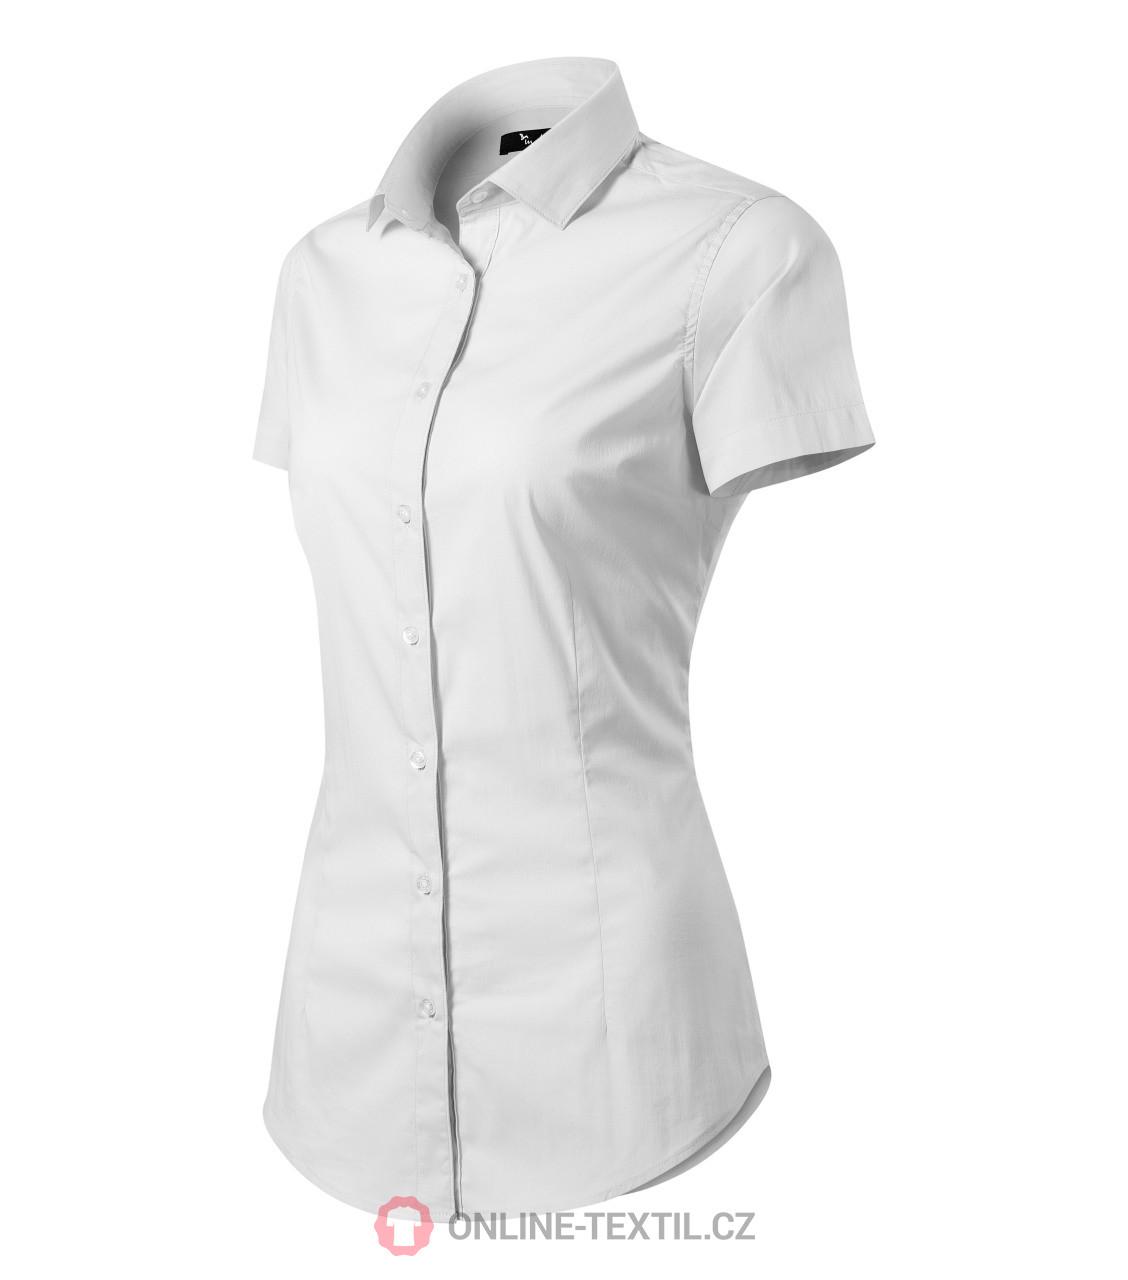 ADLER CZECH Dámská košile Malfini Premium Flash 261 - bílá z kolekce ... 3fbd50d513